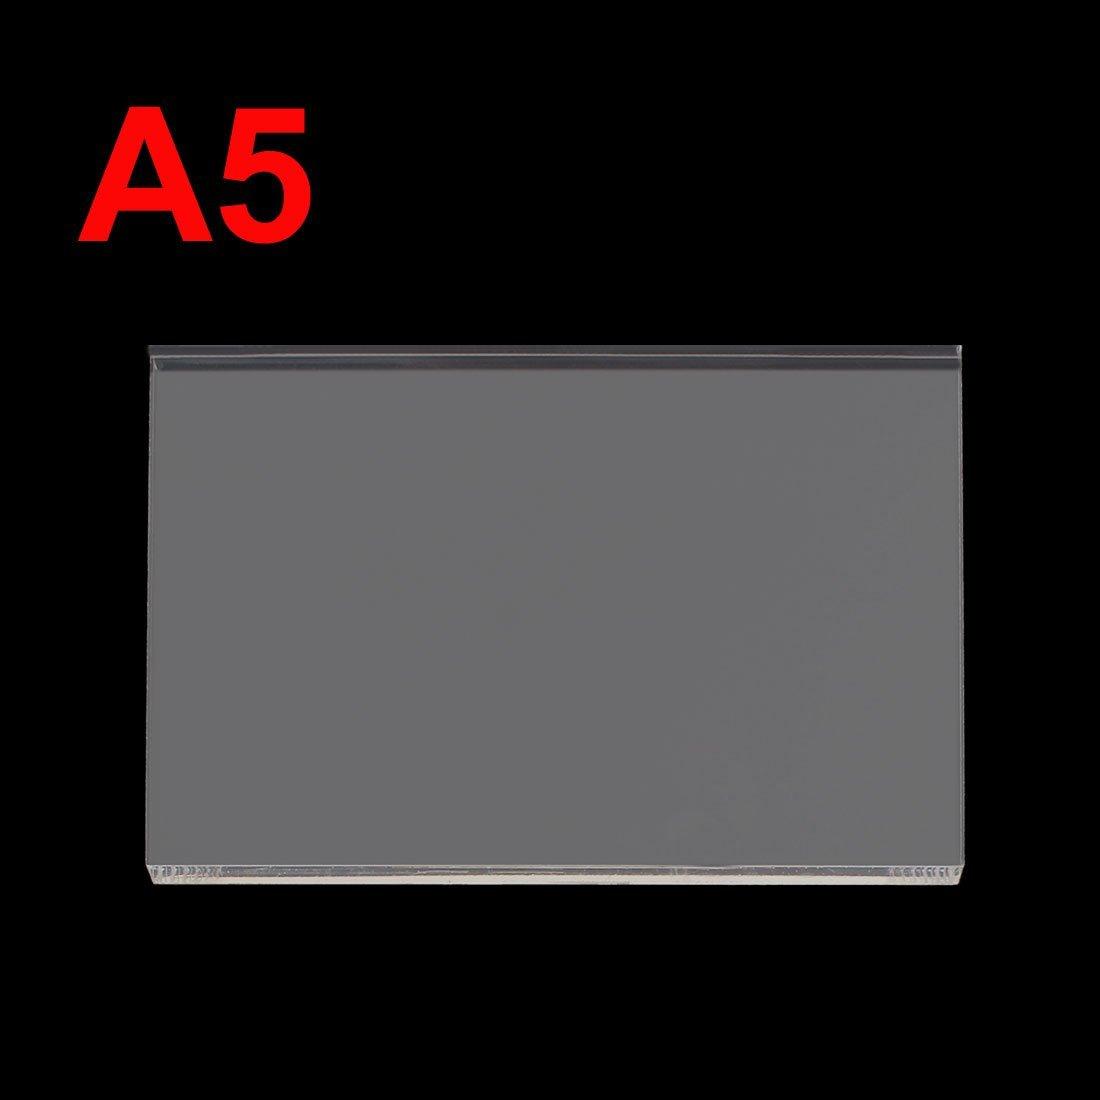 8mm en plastique transparent acrylique Plexiglas Cut Sheet A5 Taille 148mm x 210mm